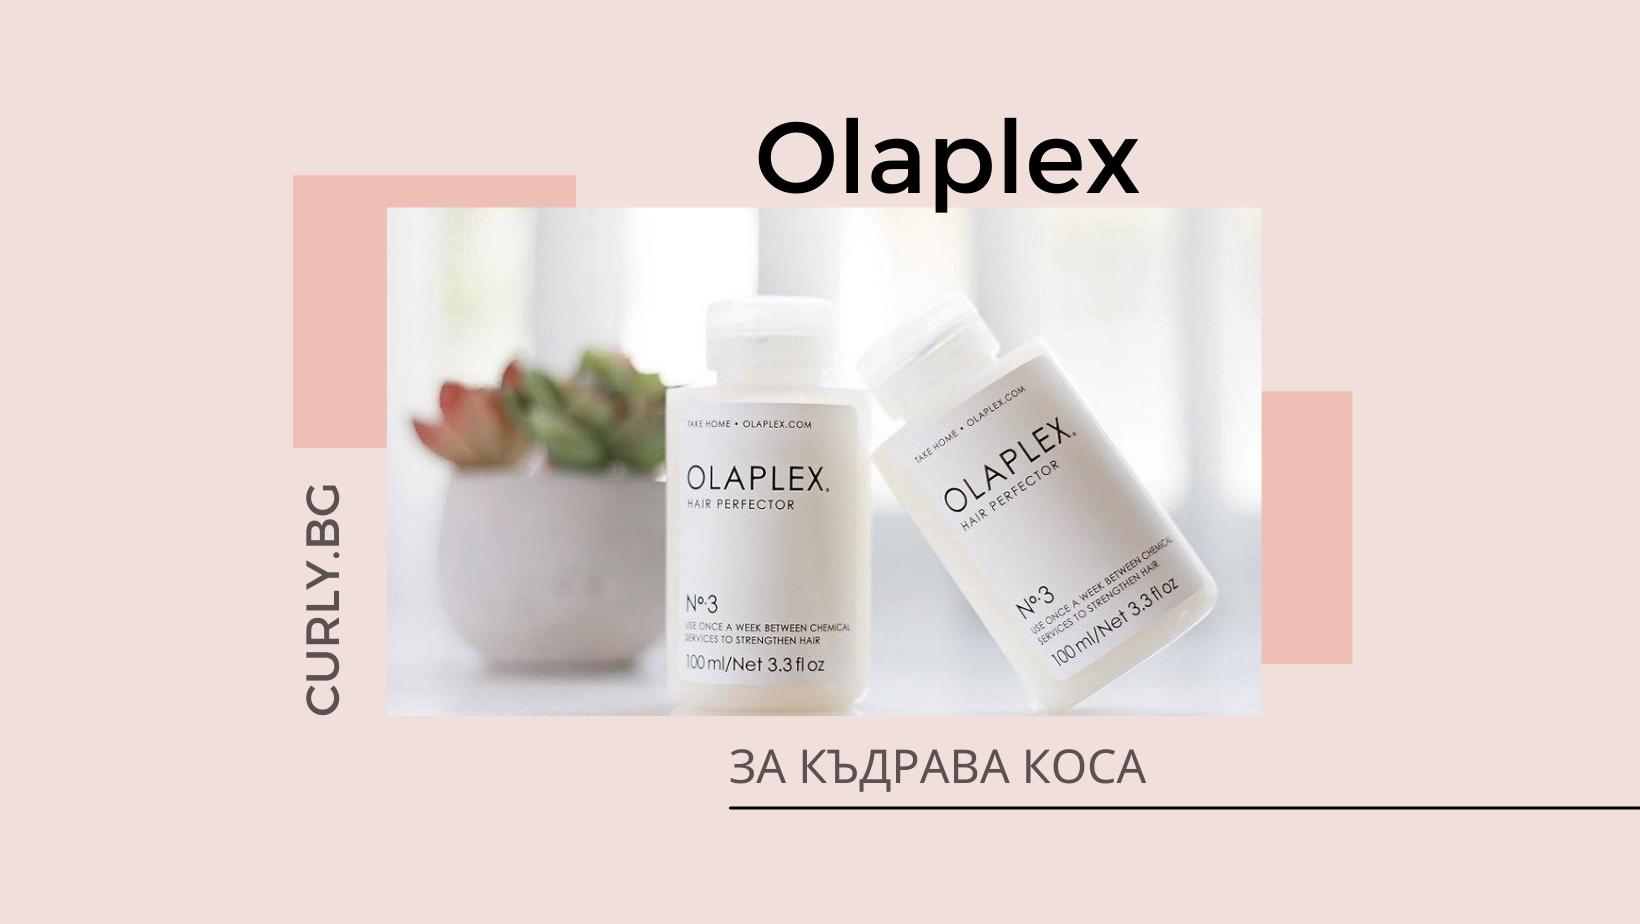 Кой е най-добрият Olaplex продукт за къдрава коса?